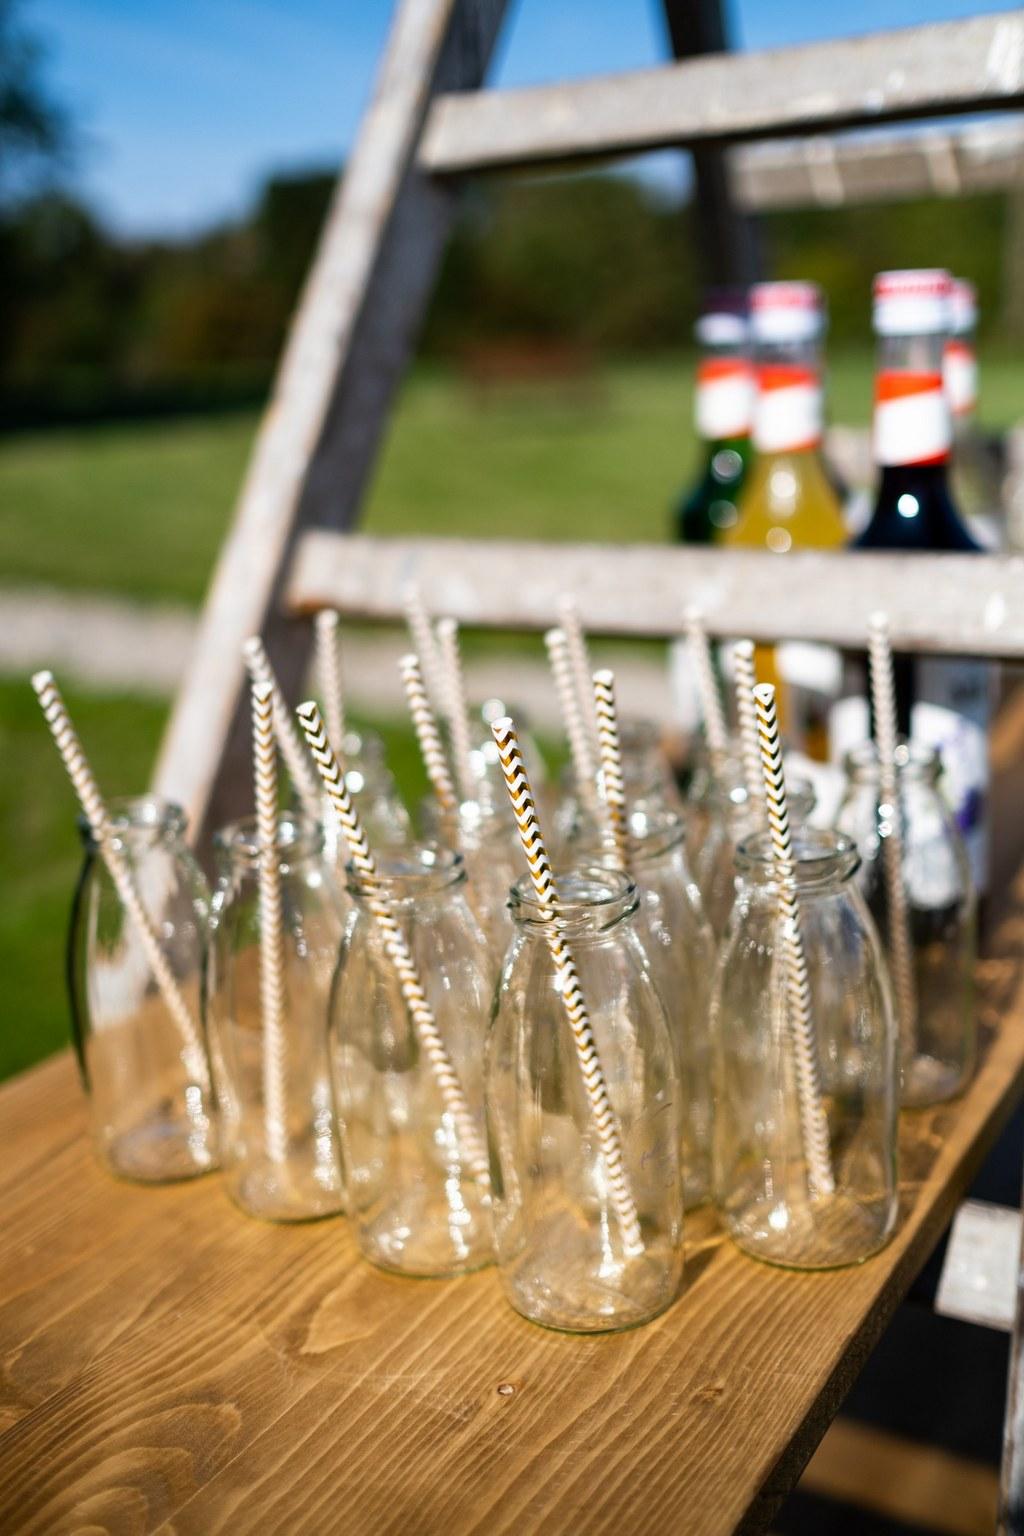 bouteilles et pailles assorties aux couleurs du candy bar - CREDIT PHOTO : Audrey Guyon